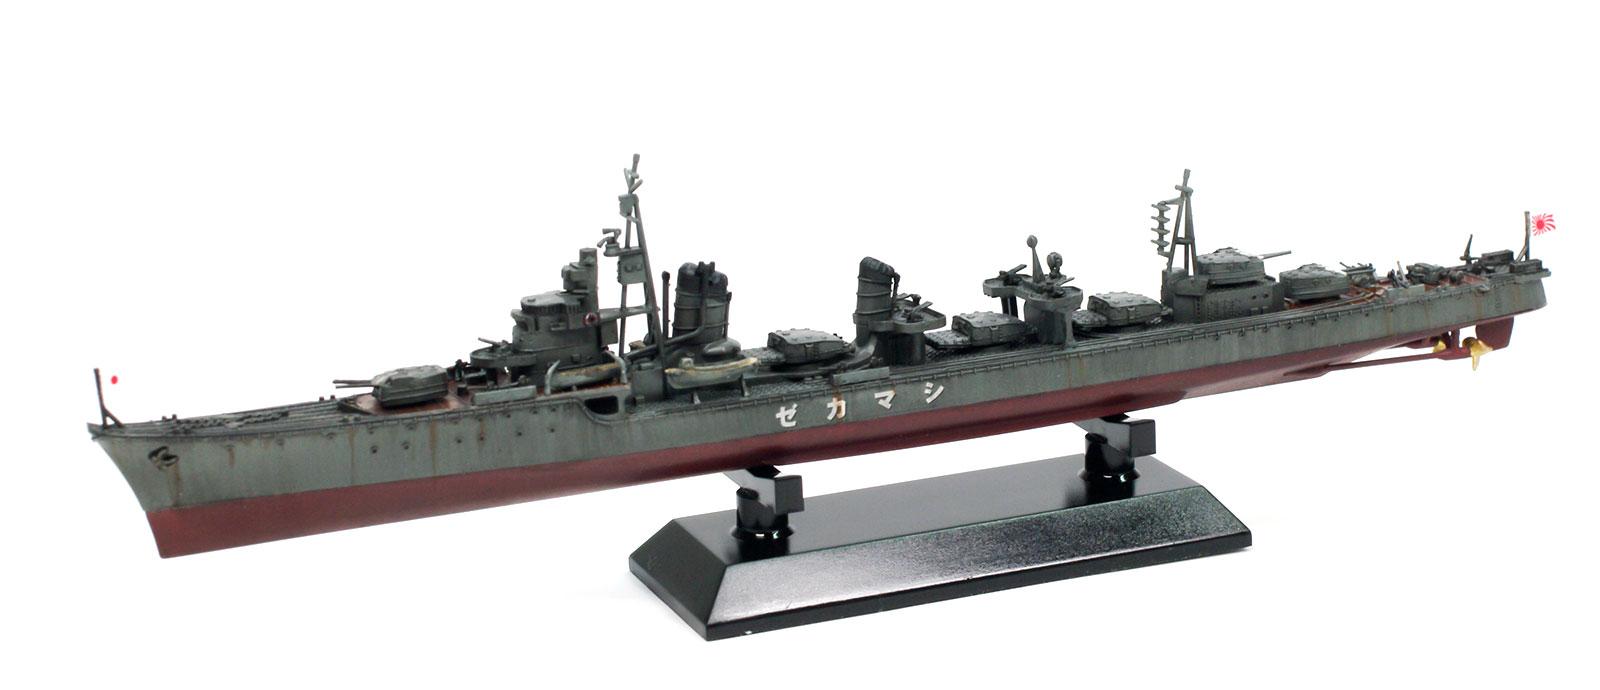 日本海軍・駆逐艦島風 最終時 1/700 ピットロード